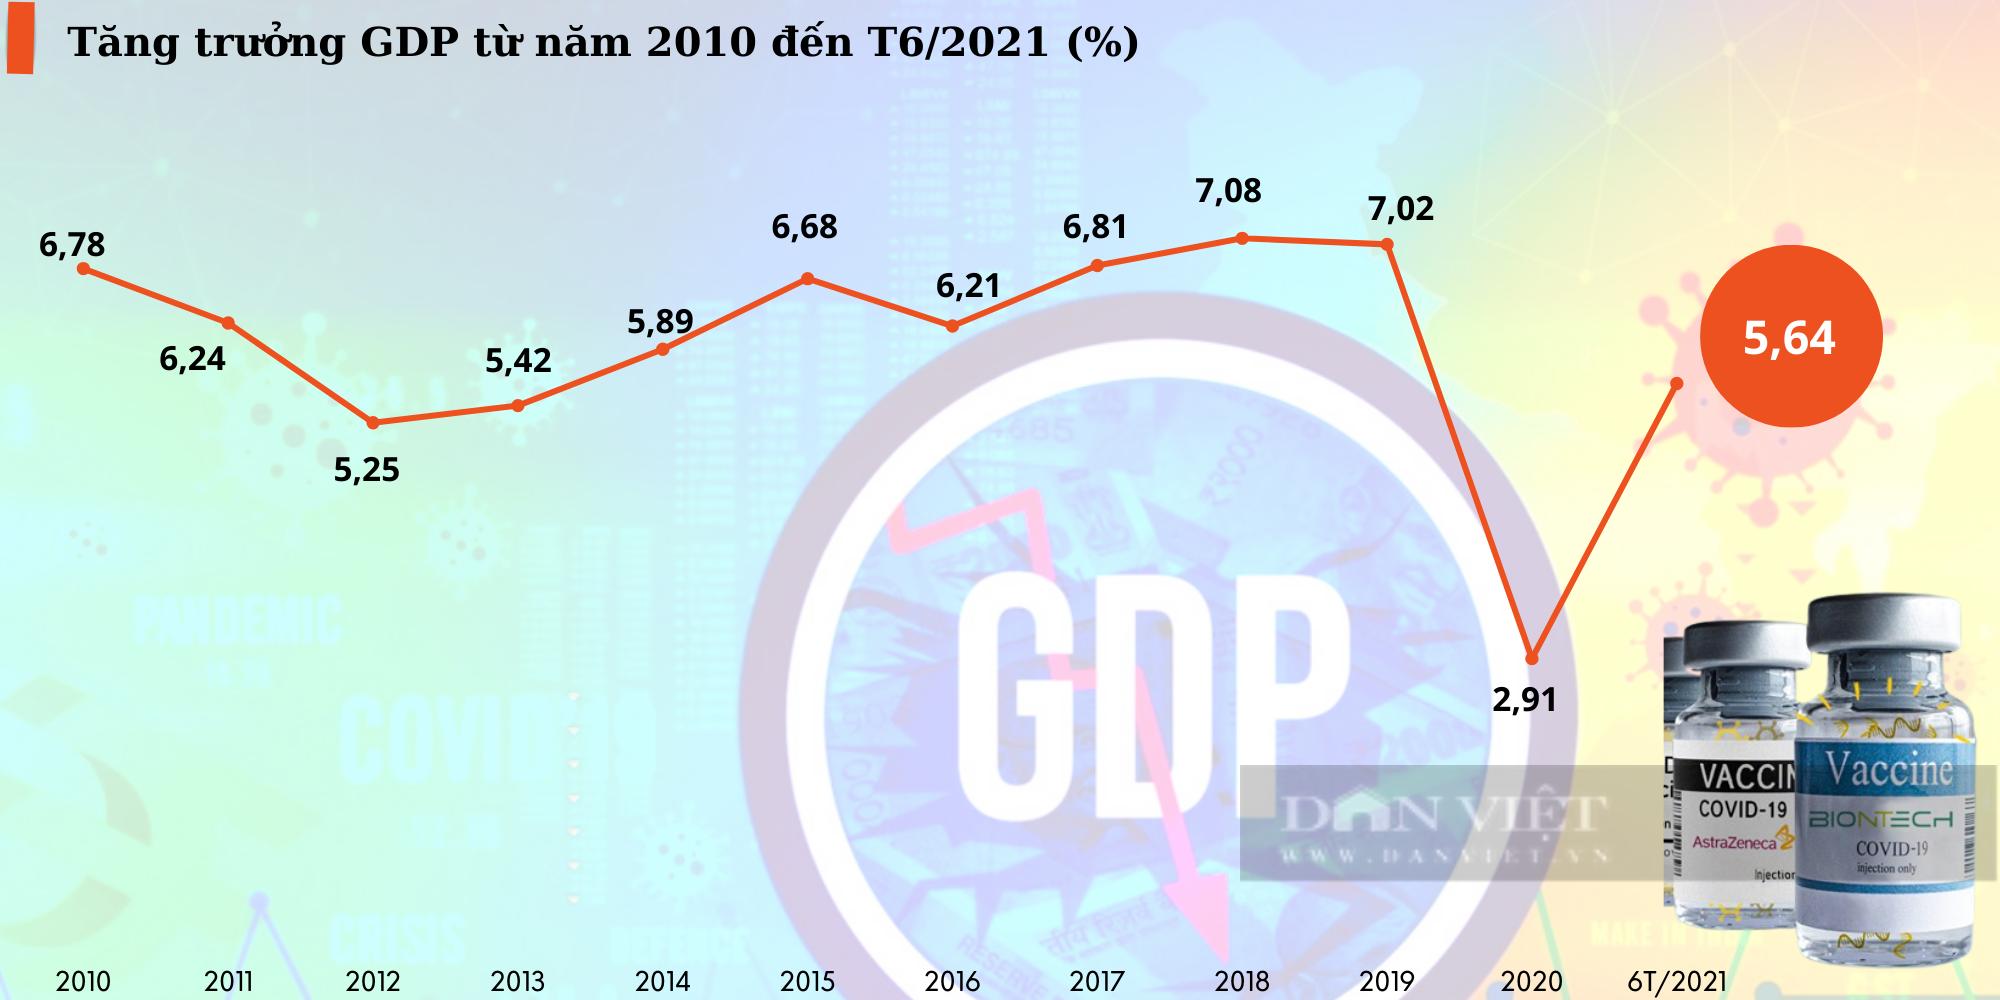 Việt Nam chuẩn bị gì để mở cửa trở lại nền kinh tế sau khi miễn dịch cộng đồng? - Ảnh 1.